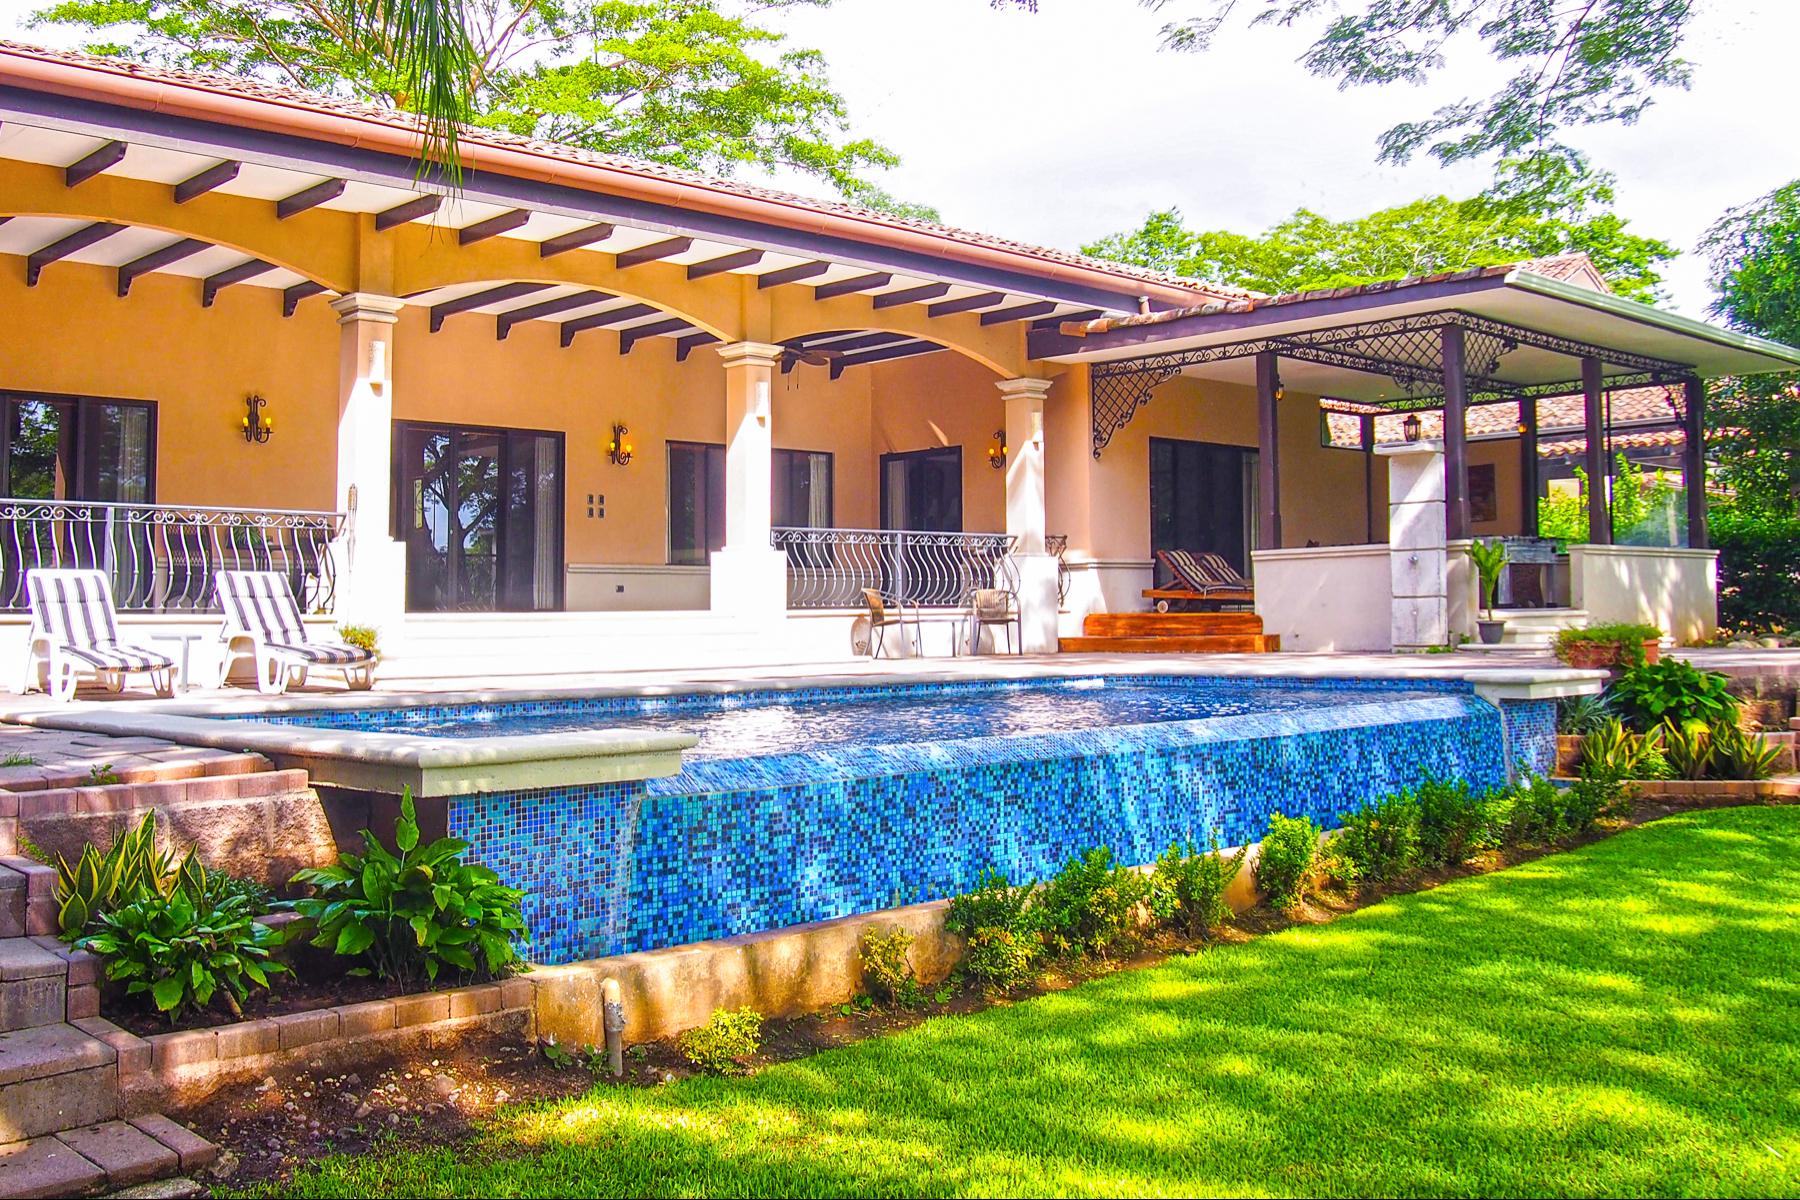 其它住宅 为 销售 在 Villa Coral Reserva Conchal, 瓜那卡斯特 50308 哥斯达黎加